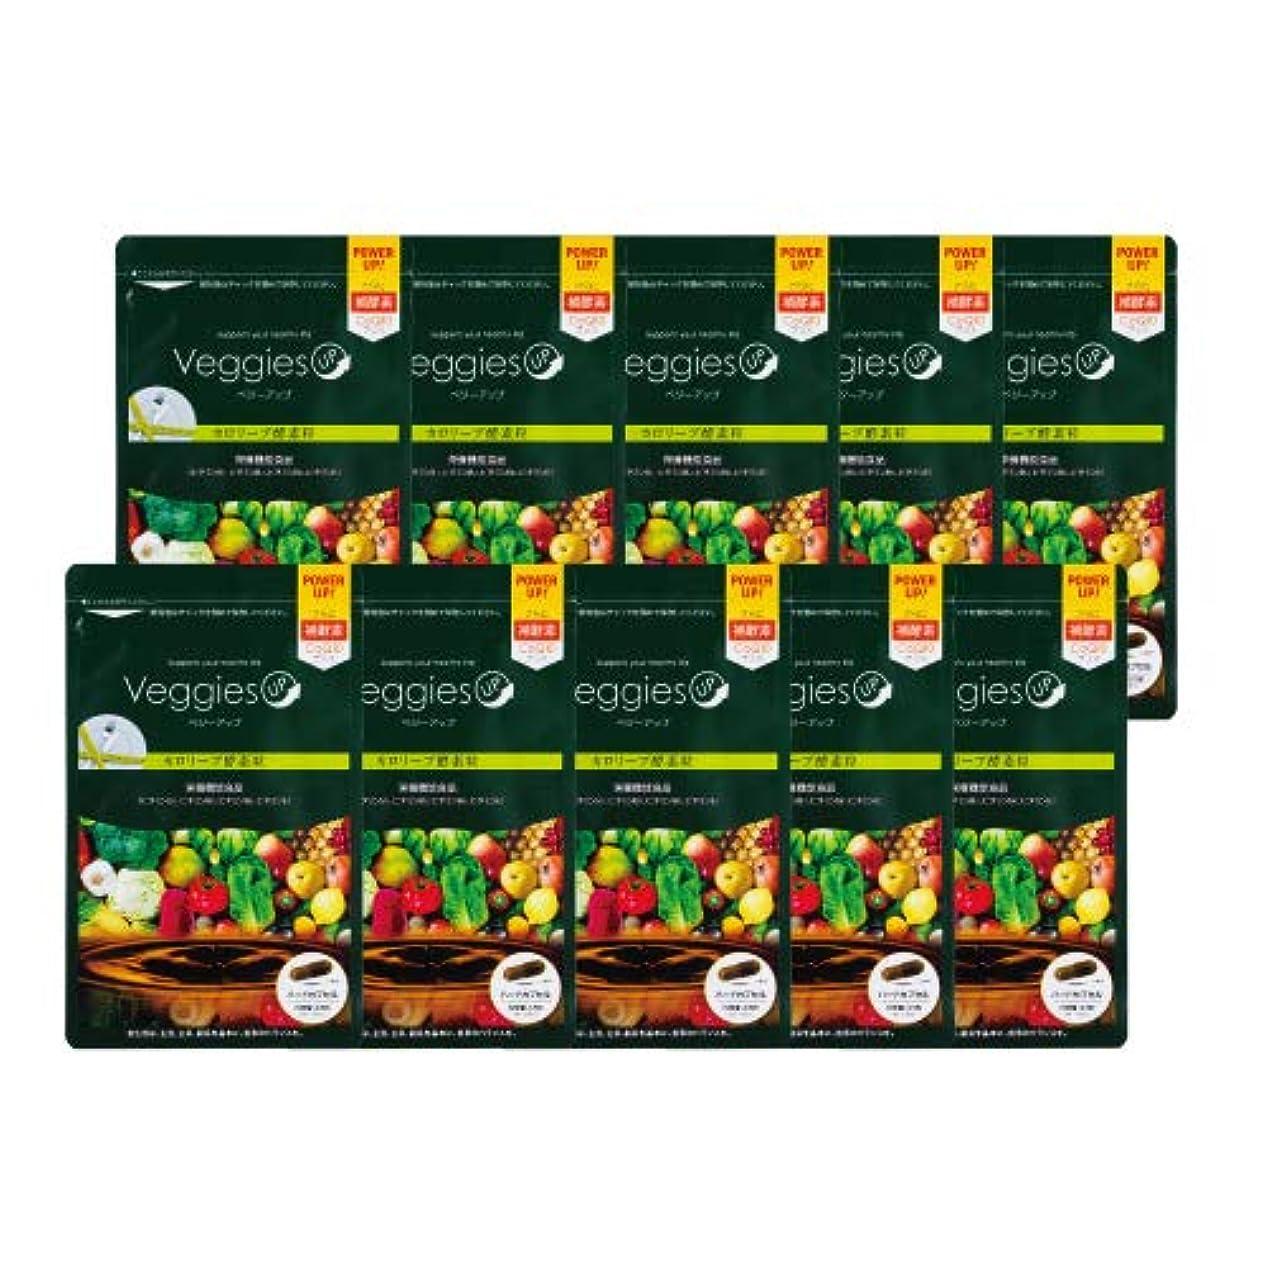 ひも極小週間ベジーアップ酵素粒カロリーブ 93粒 10袋セット ダイエット 酵素サプリ 酵素ダイエット サラシア コエンザイムQ10 竹炭